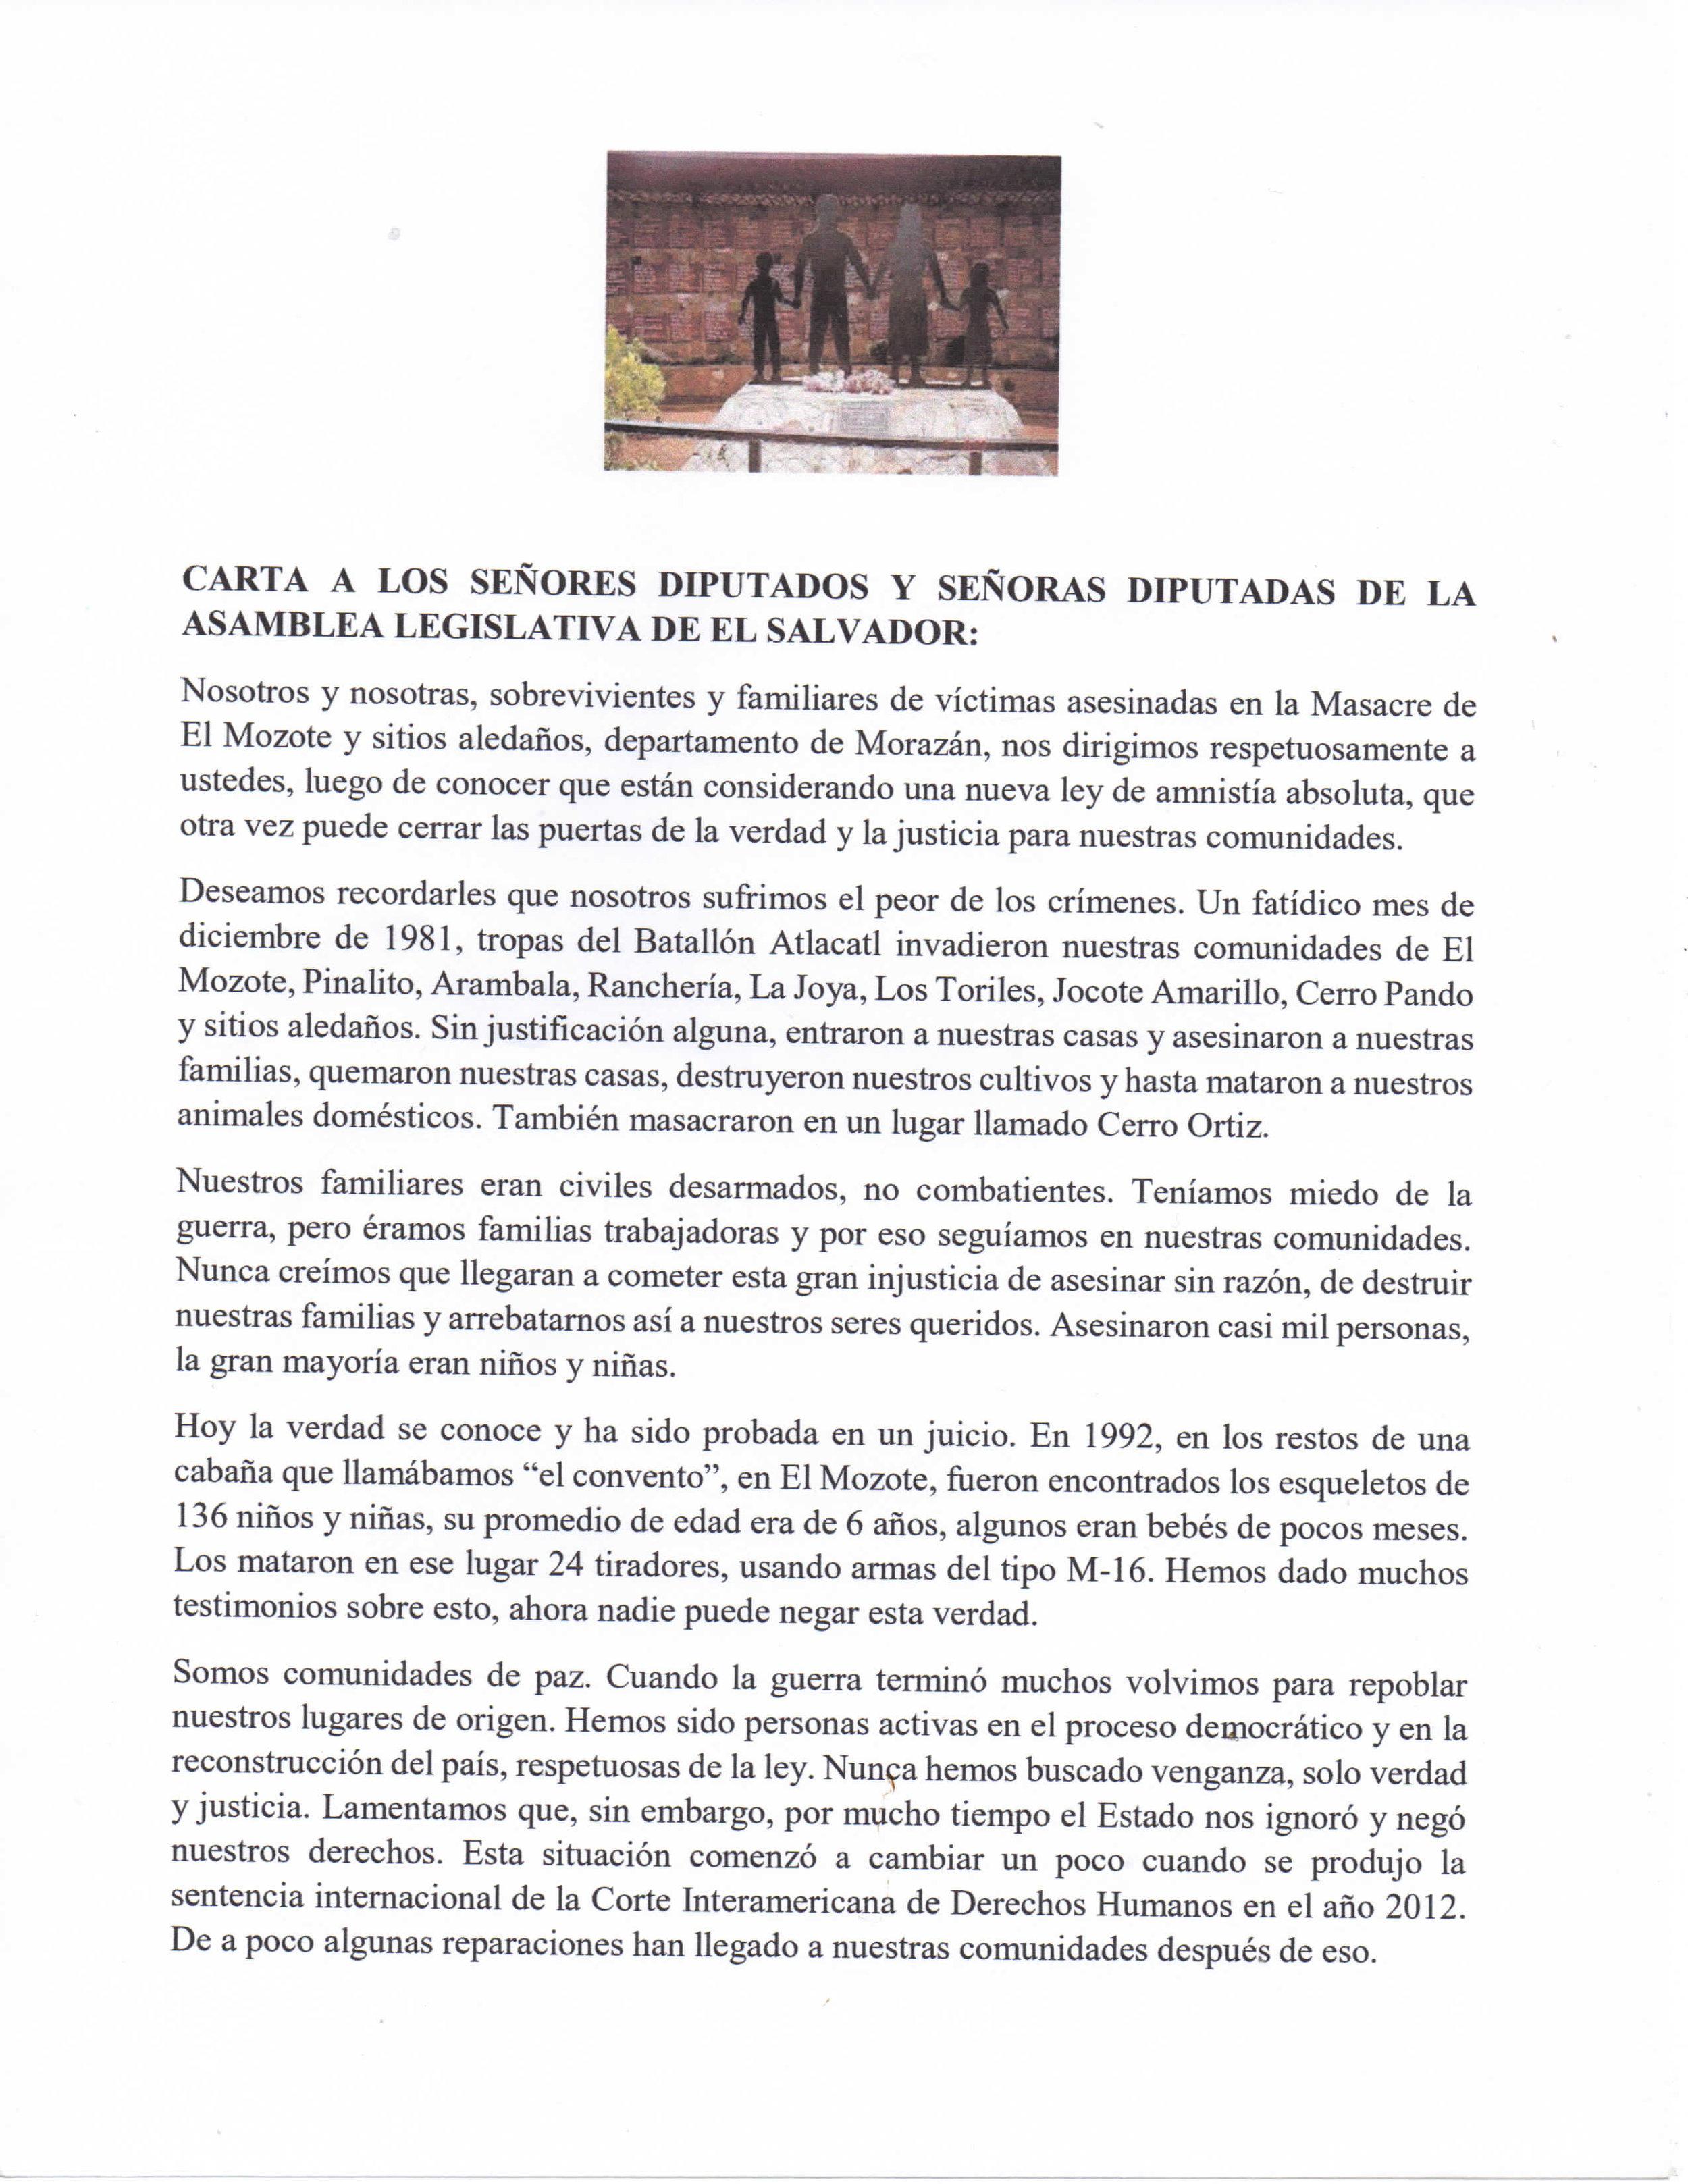 Carta Victimas El Mozote AL completa_Página_1.jpg